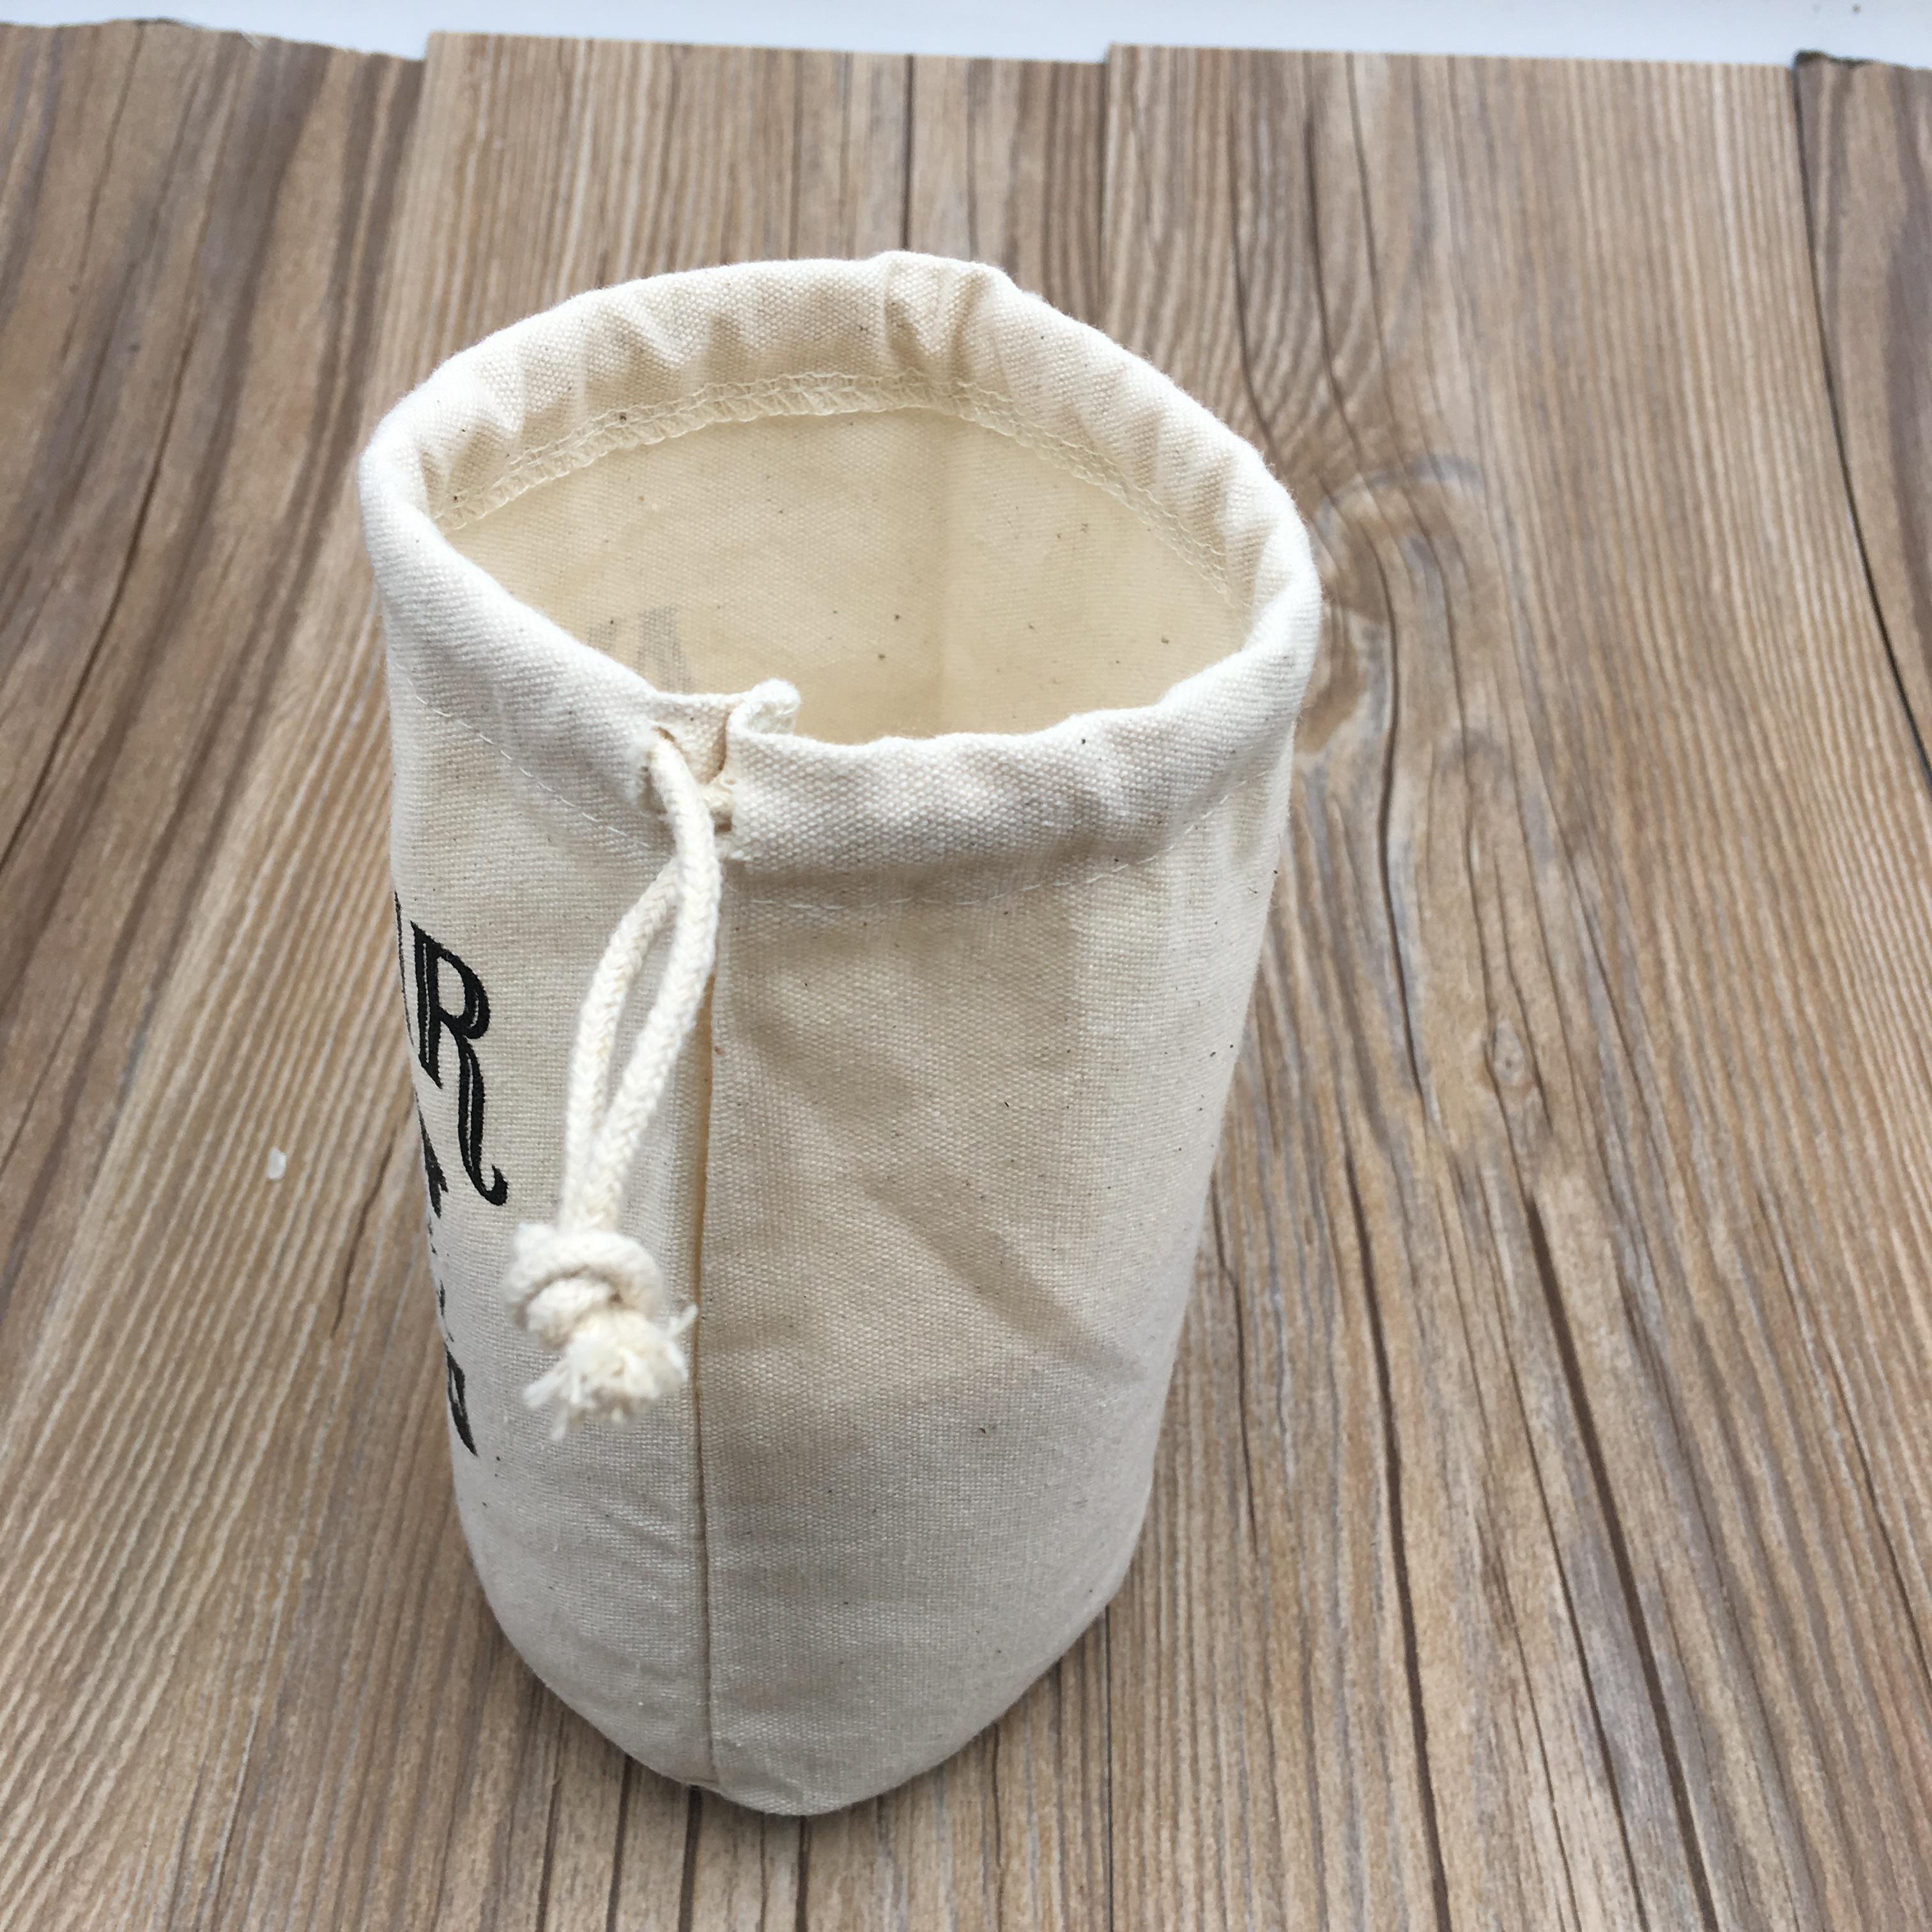 Льняной мешок на шнурке с круглым дном для банки